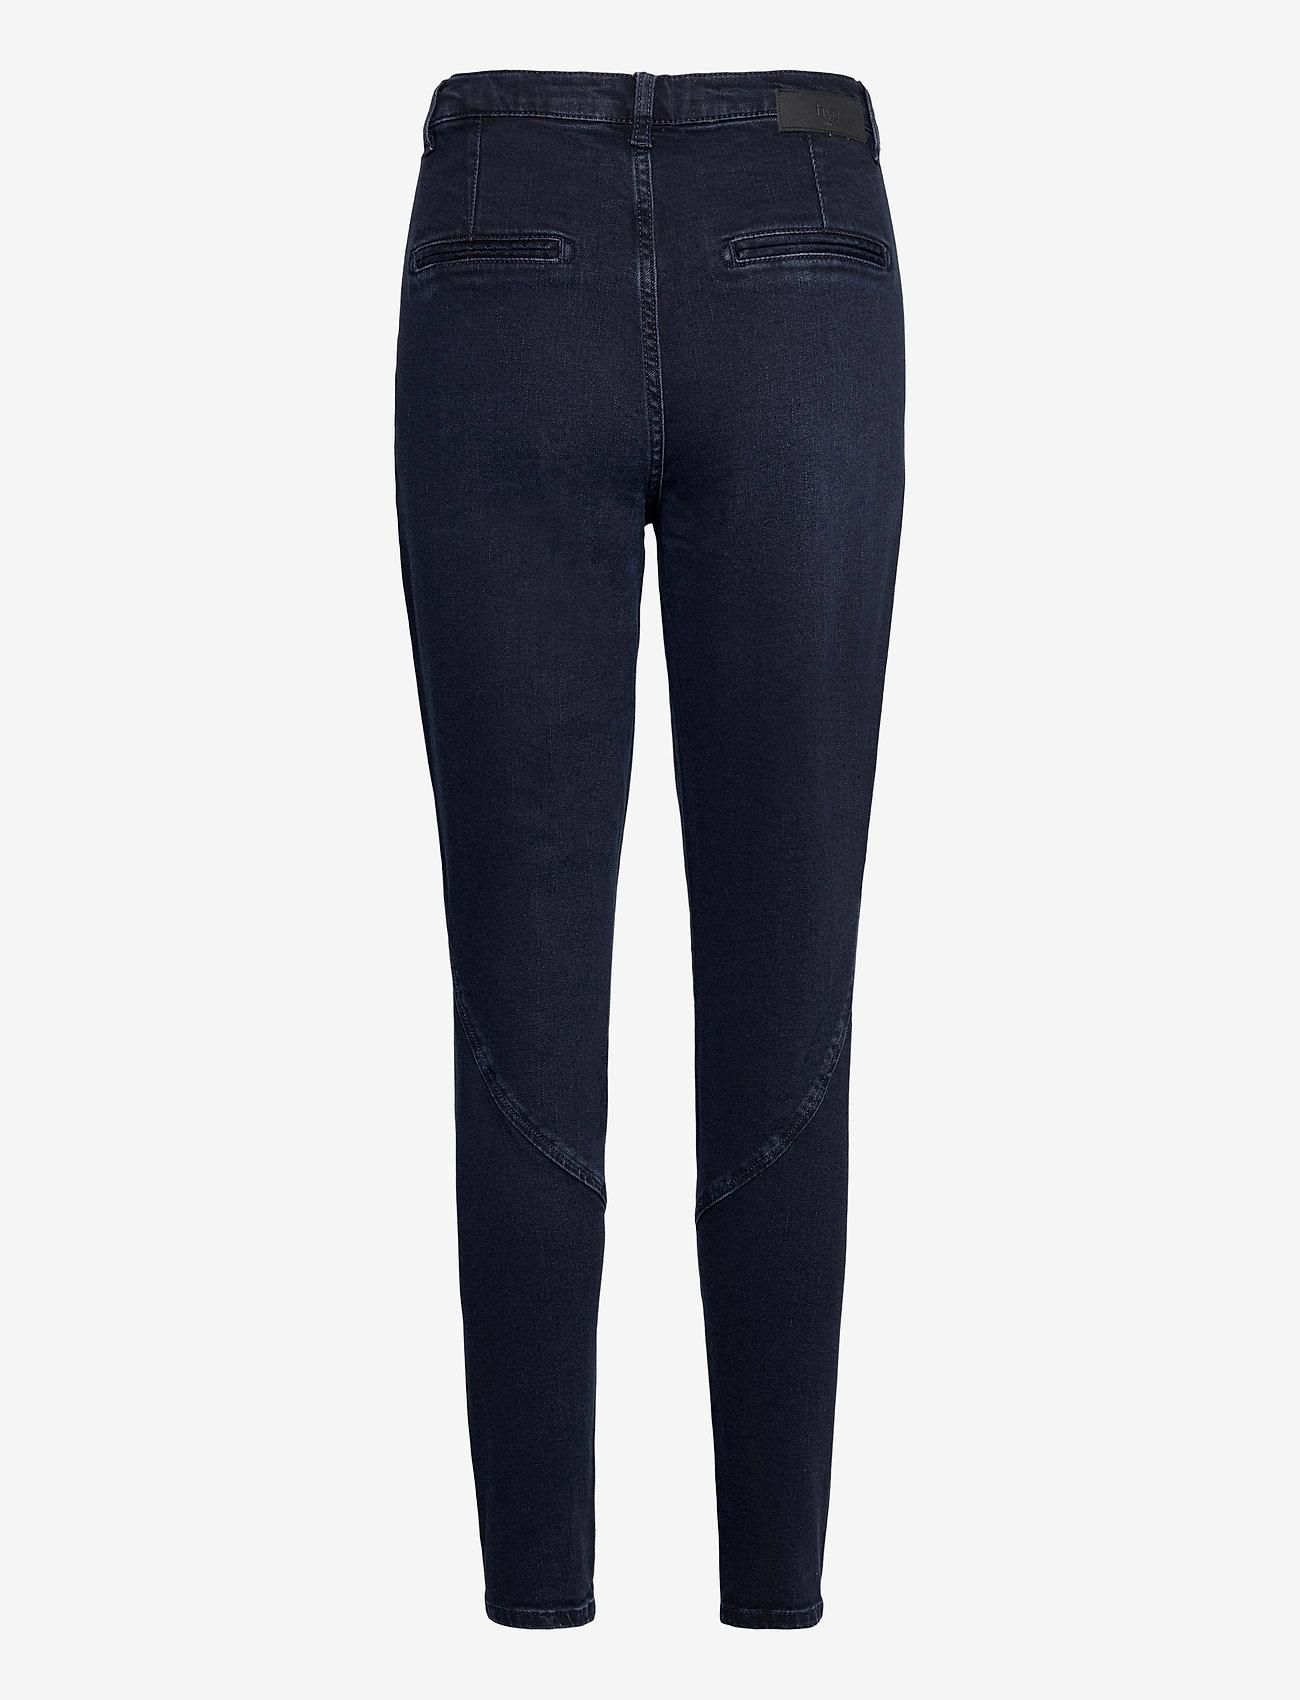 FIVEUNITS - Jolie 241 - slim jeans - pure blue auto - 1